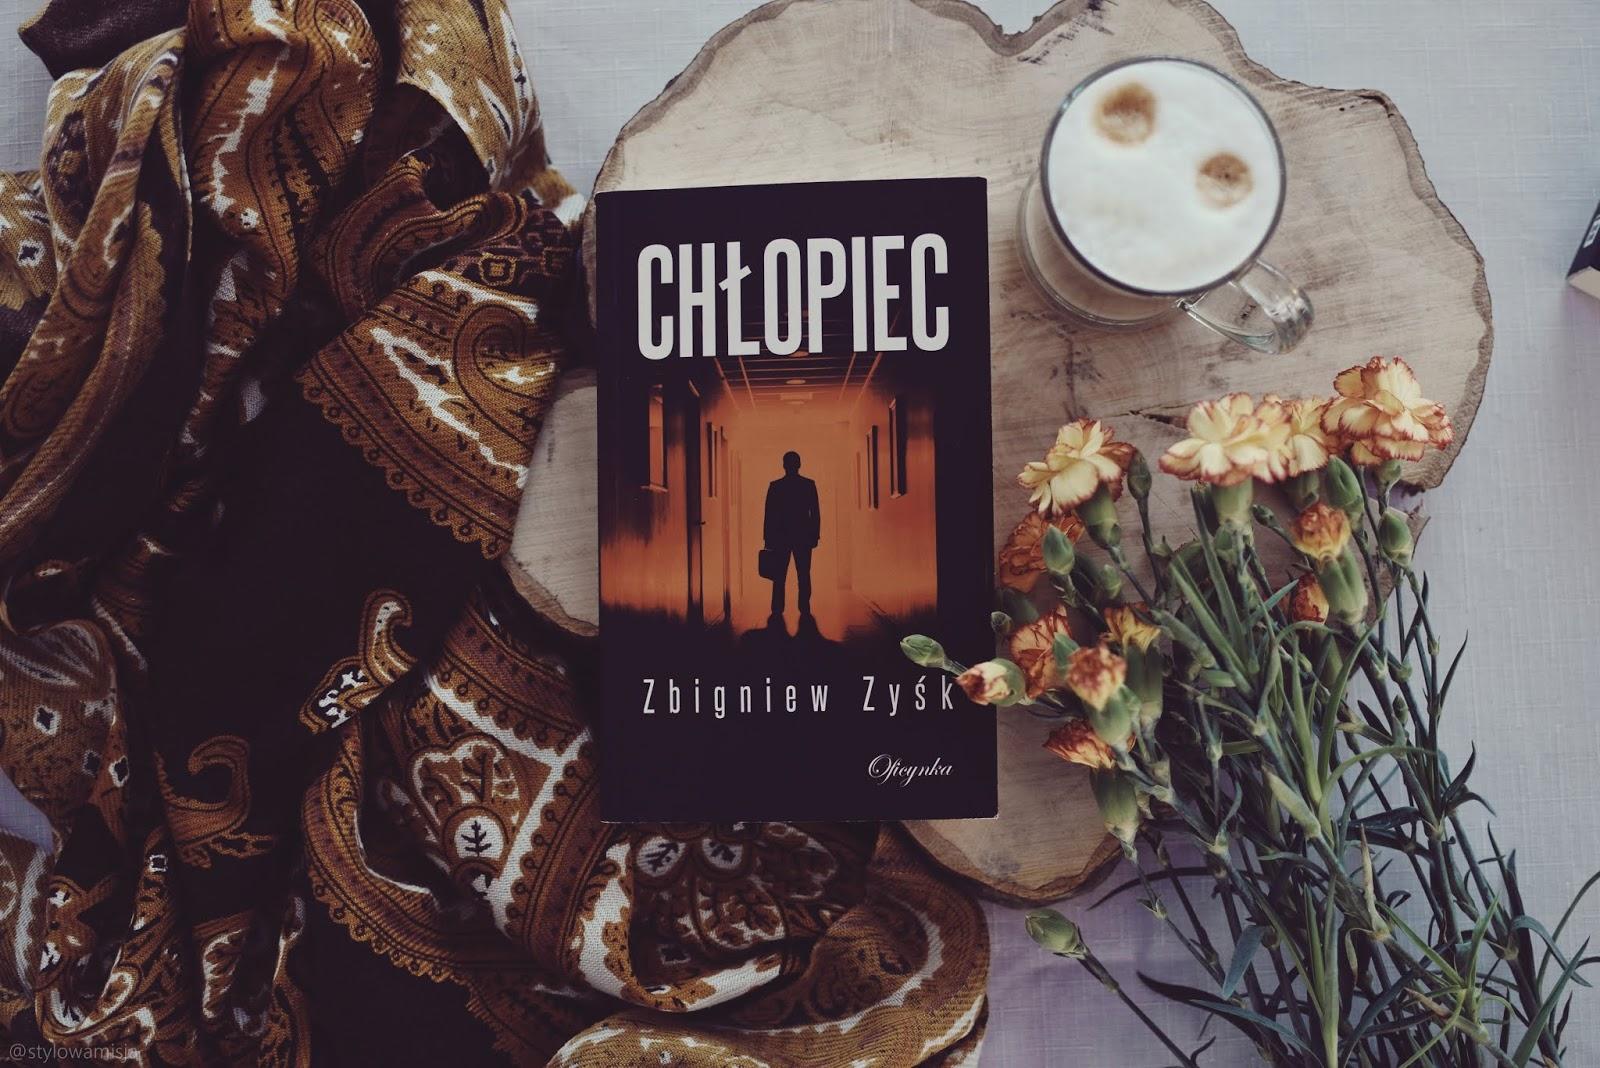 Chłopiec, narkotyki, opowiadanie, recenzja, thriller, WydawnictwoOficynka, ZbigniewZyśk,